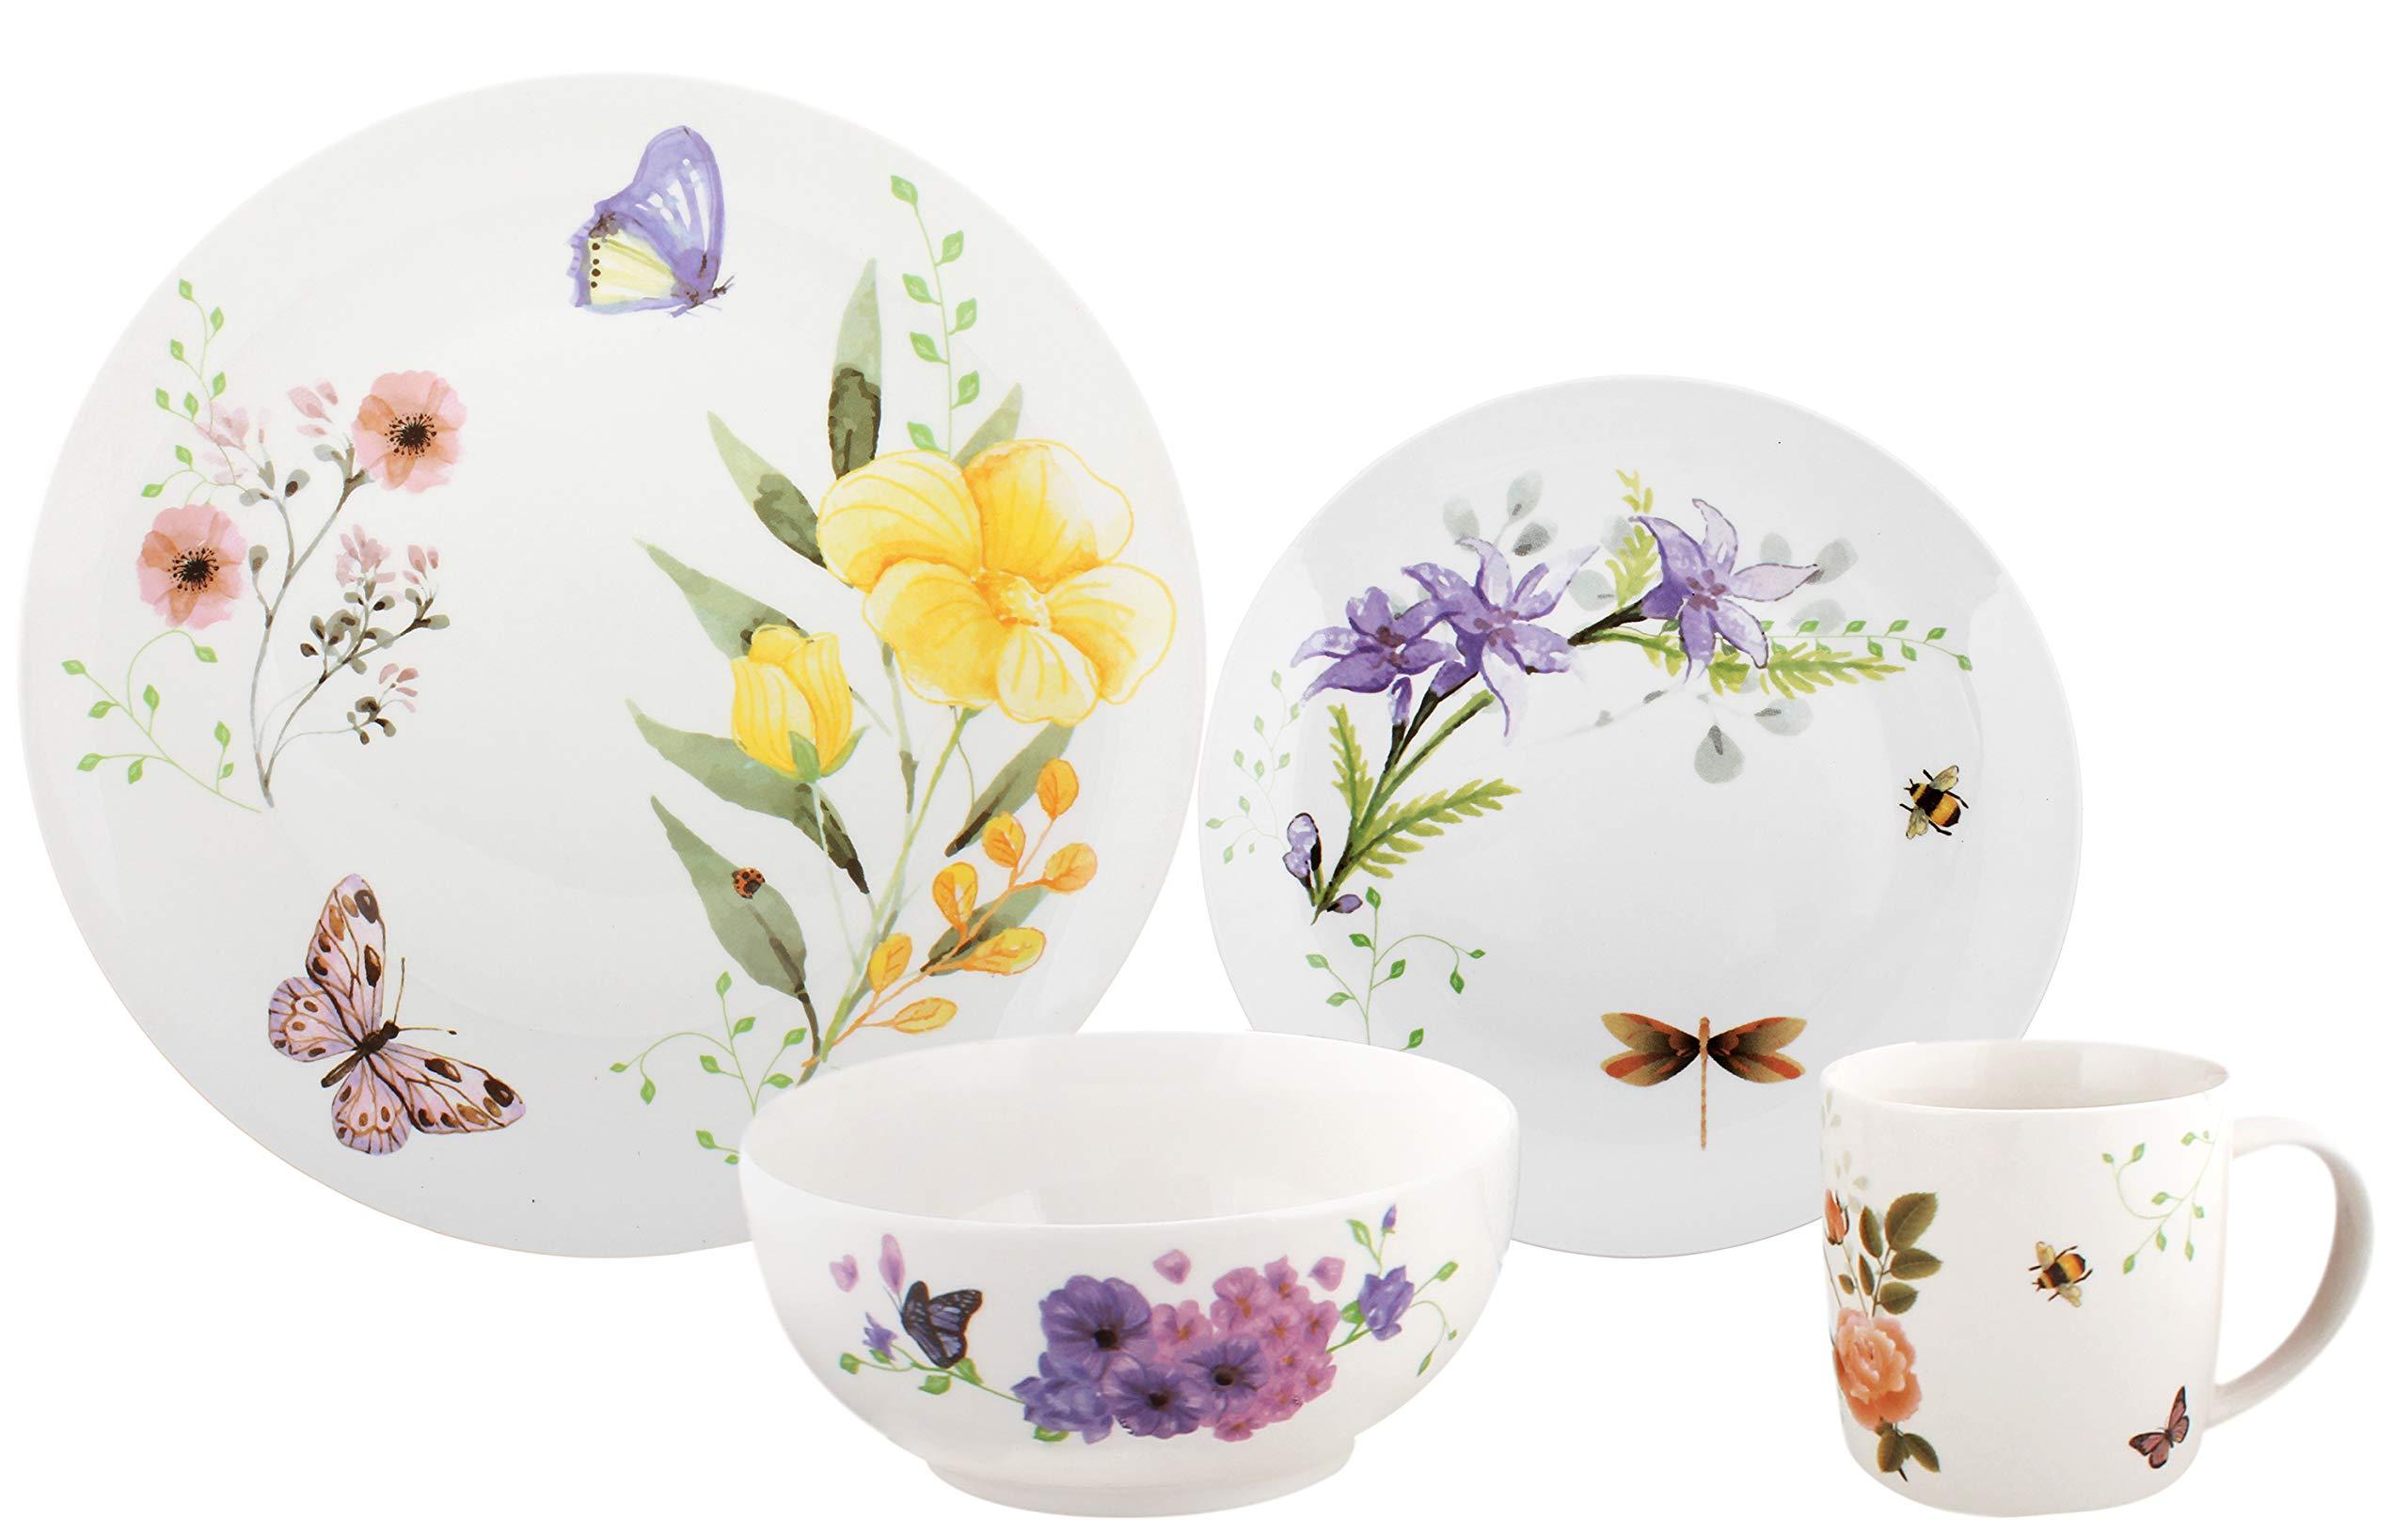 Melange Porcelain Dinnerware Collection Dishwasher